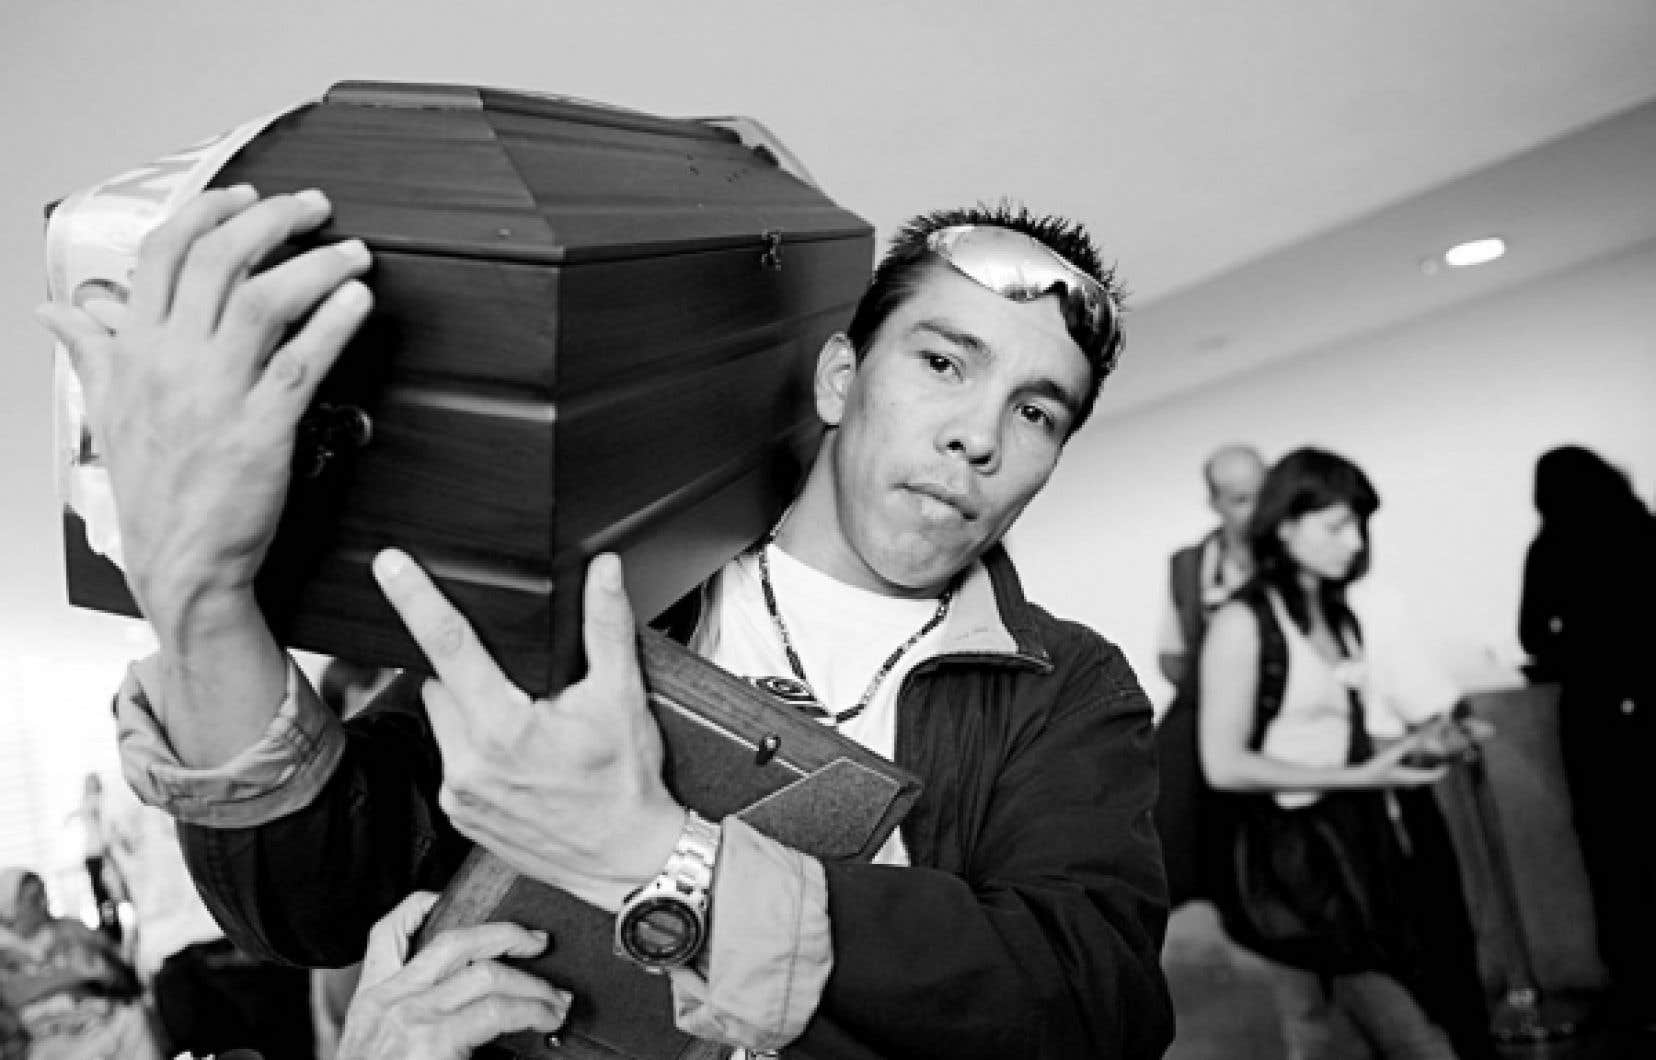 Hector Usuga transporte le cercueil de son frère Carlos, après les funérailles. Son frère est décédé de la même façon que plus de 2000 autres civils, recrutés avant d'être abattus par des militaires.